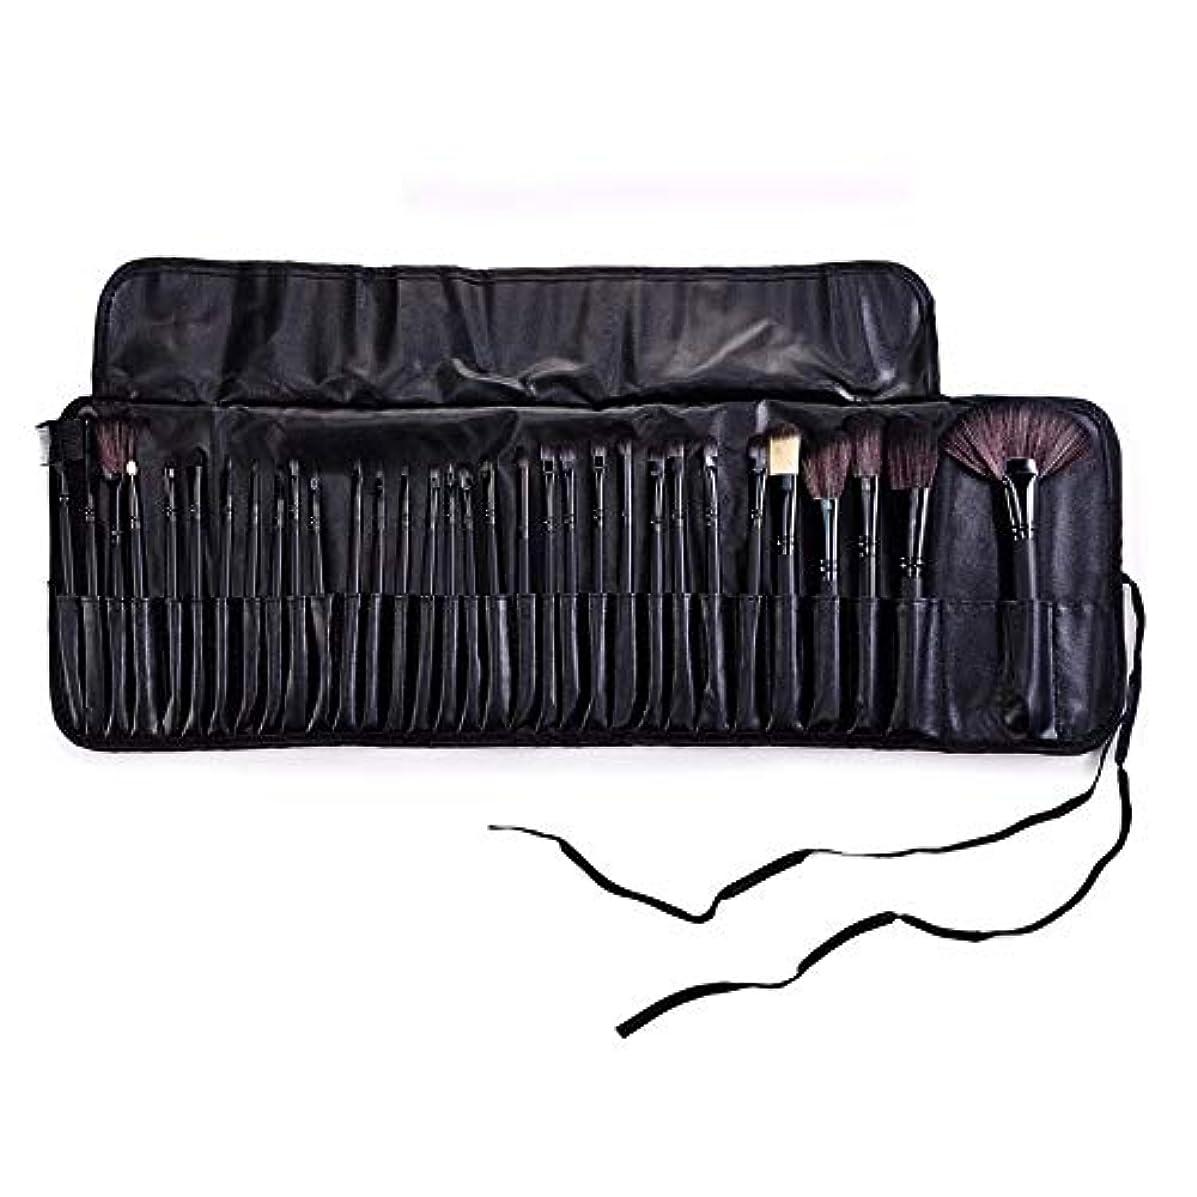 虐殺ホーム散髪Makeup brushes ブラックバッグ32メイクブラシセットモダンな合成アイシャドウアイライナー液化ファンデーションコンシーラーミキシングブラシセット suits (Color : Black)